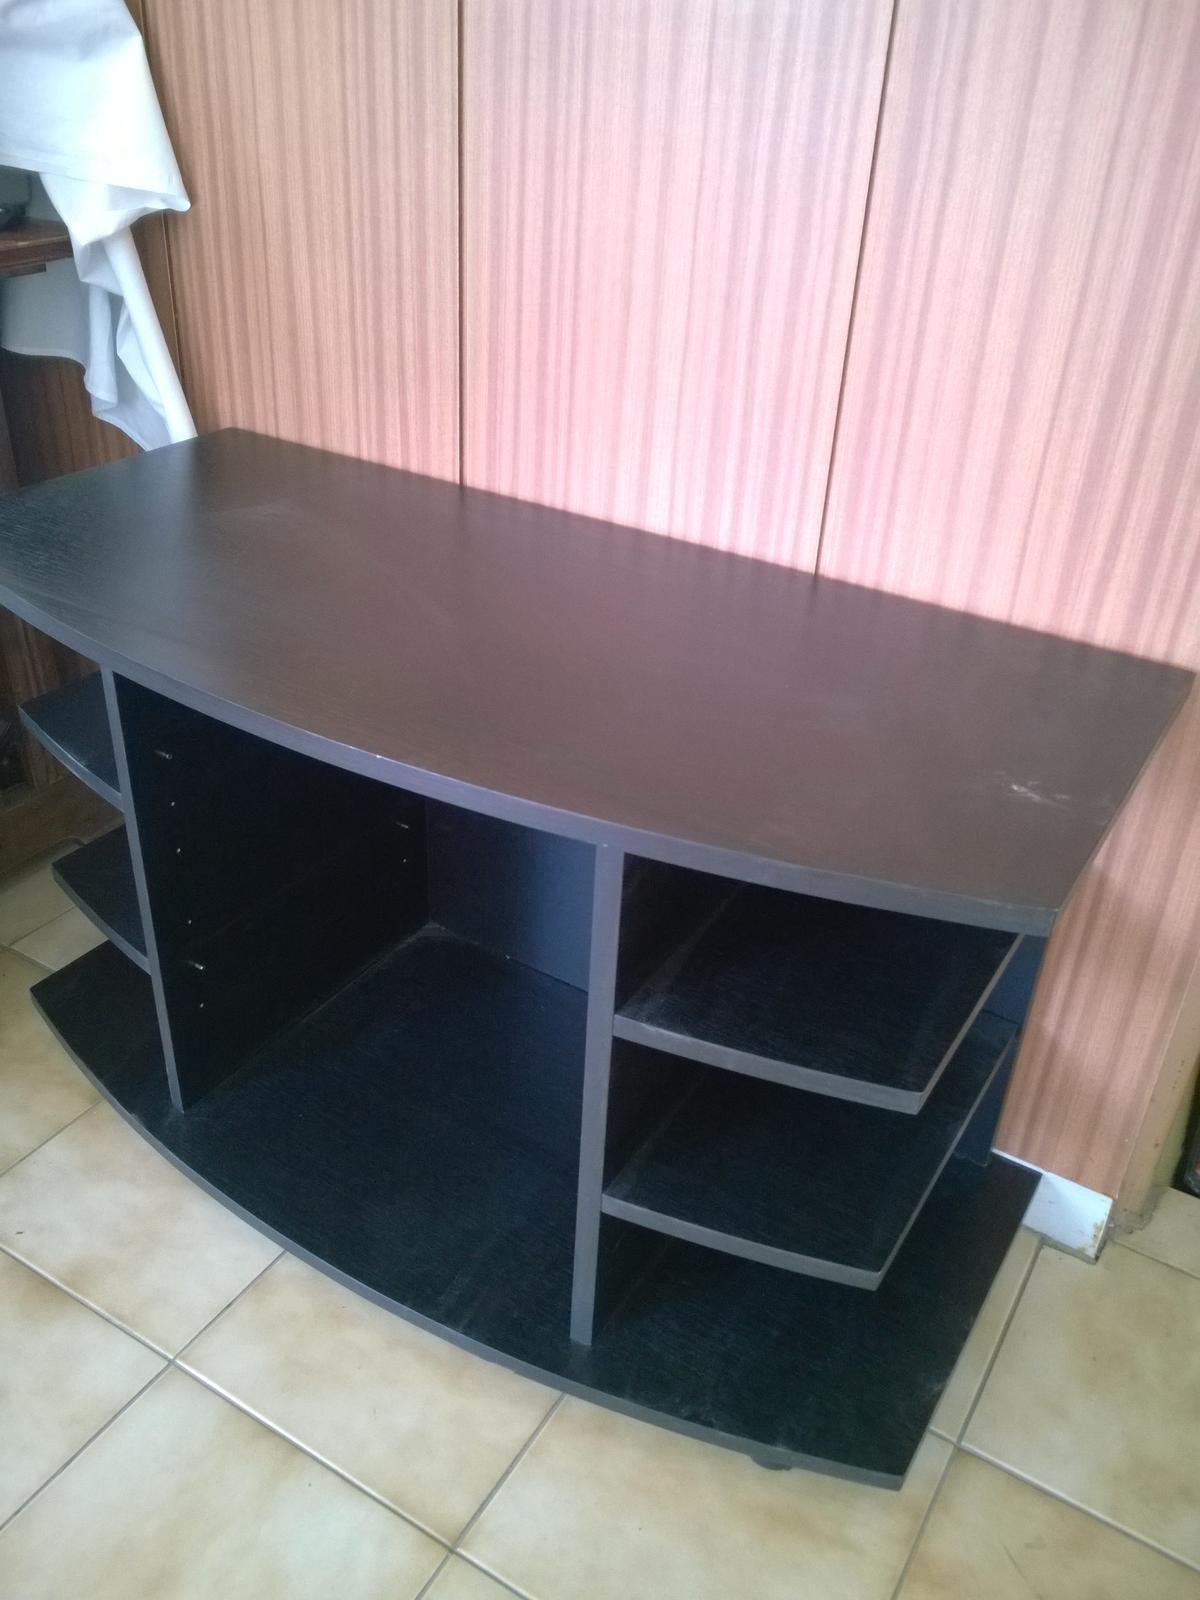 stolík pod TV - Obrázok č. 1